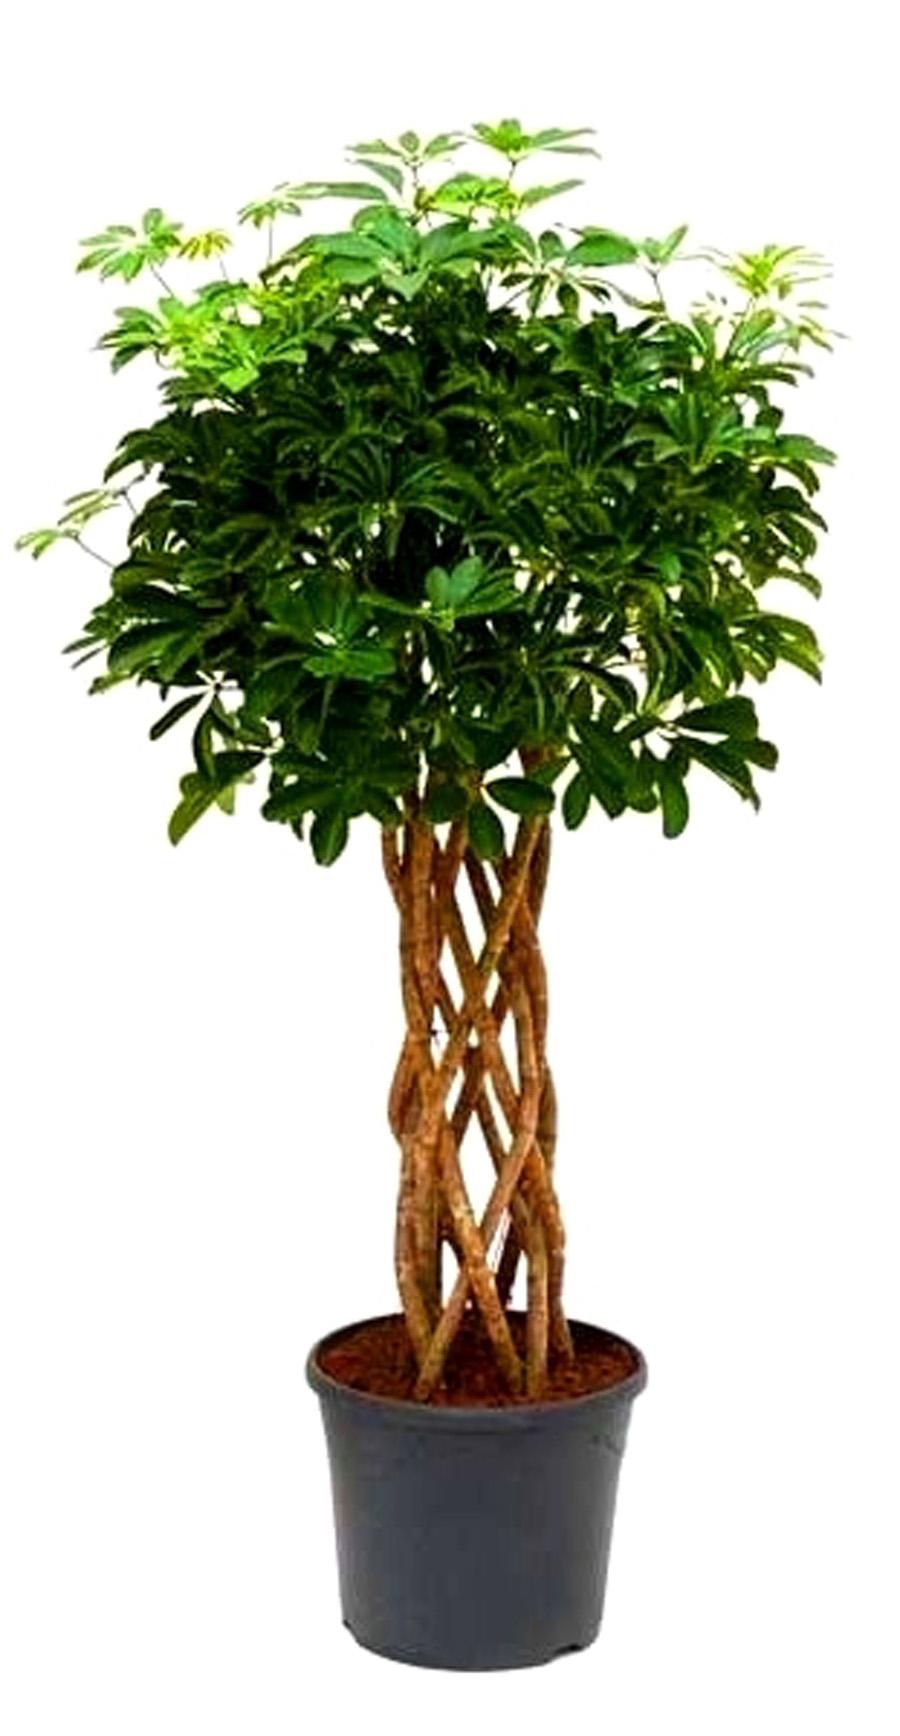 У шефлеры опадают листья: причины. Шефлера сбрасывает листья, что делать? 4